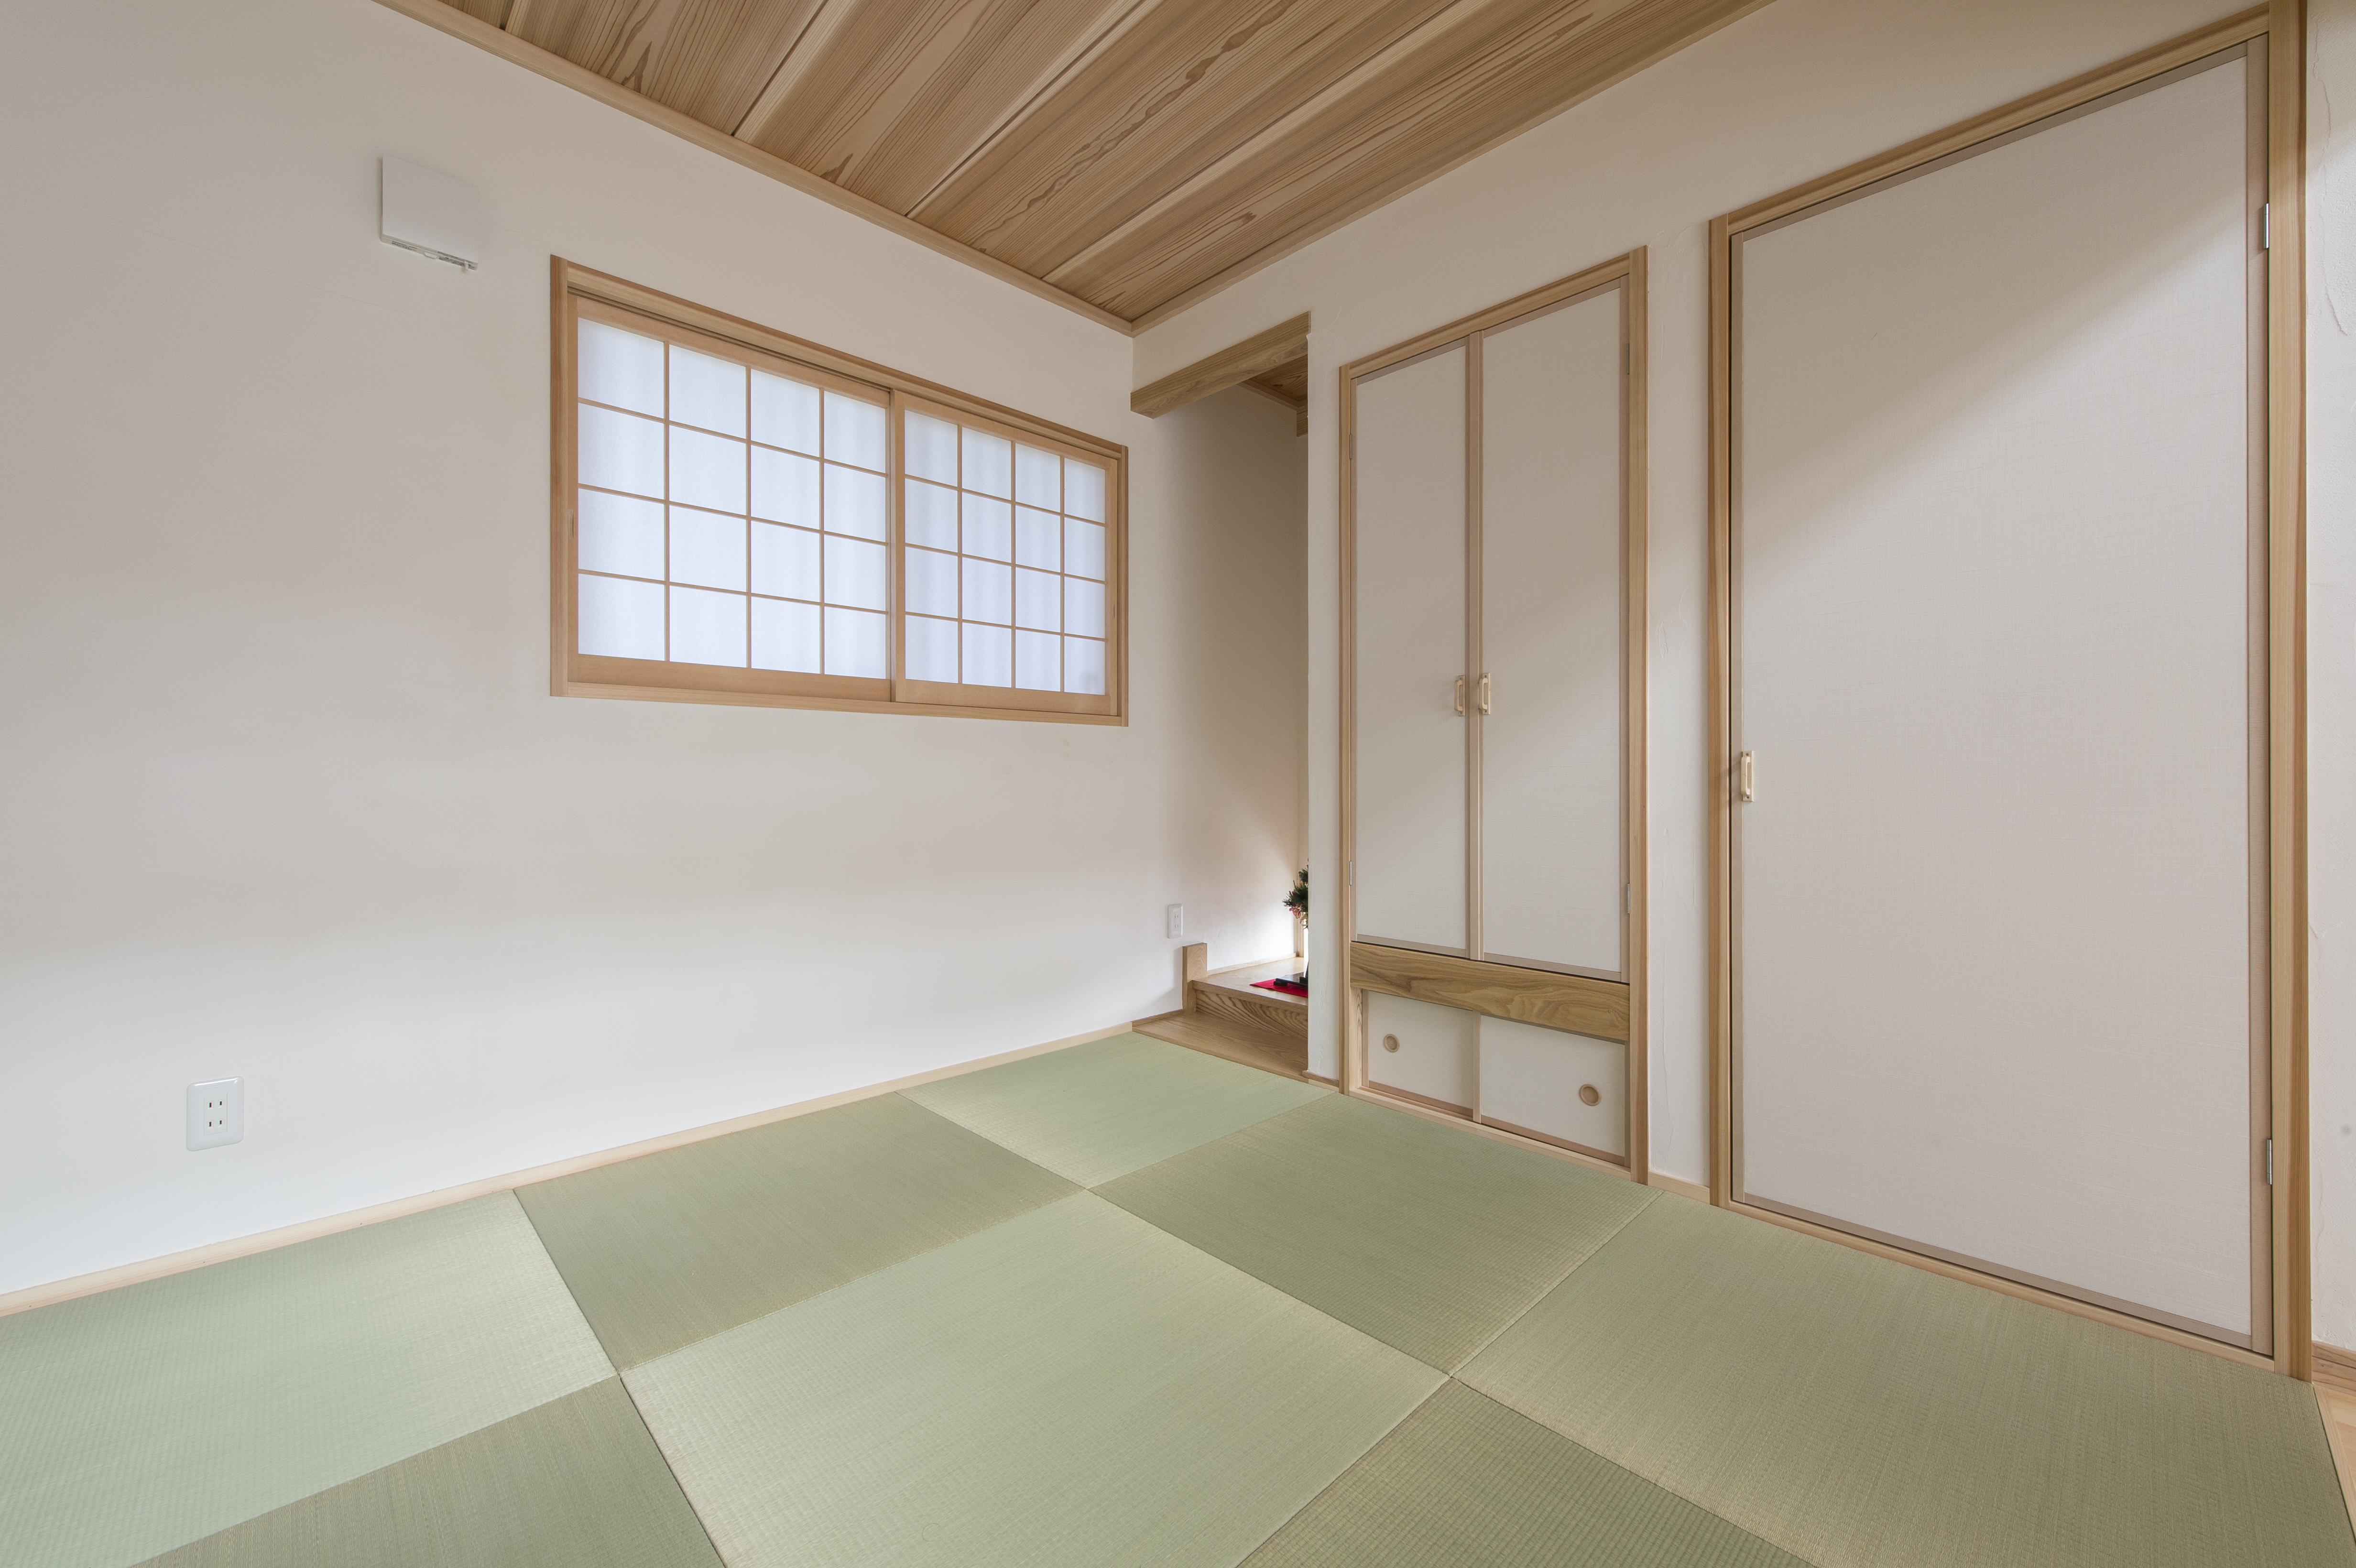 家で過ごす時間が好きだから。 木のぬくもりと「ゆるさ」のある生活_和室